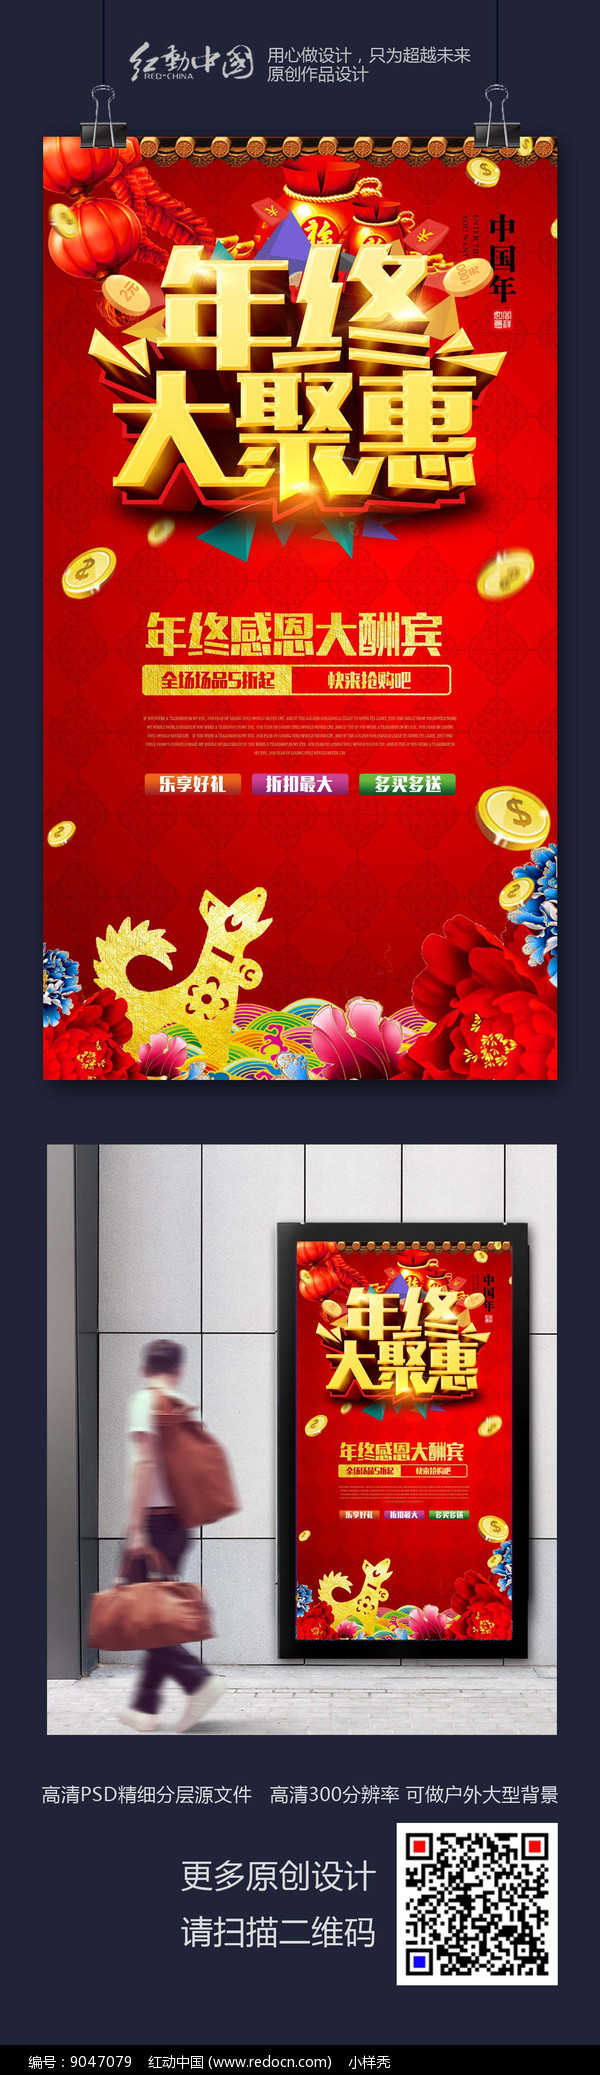 红色喜庆年终大聚惠图片